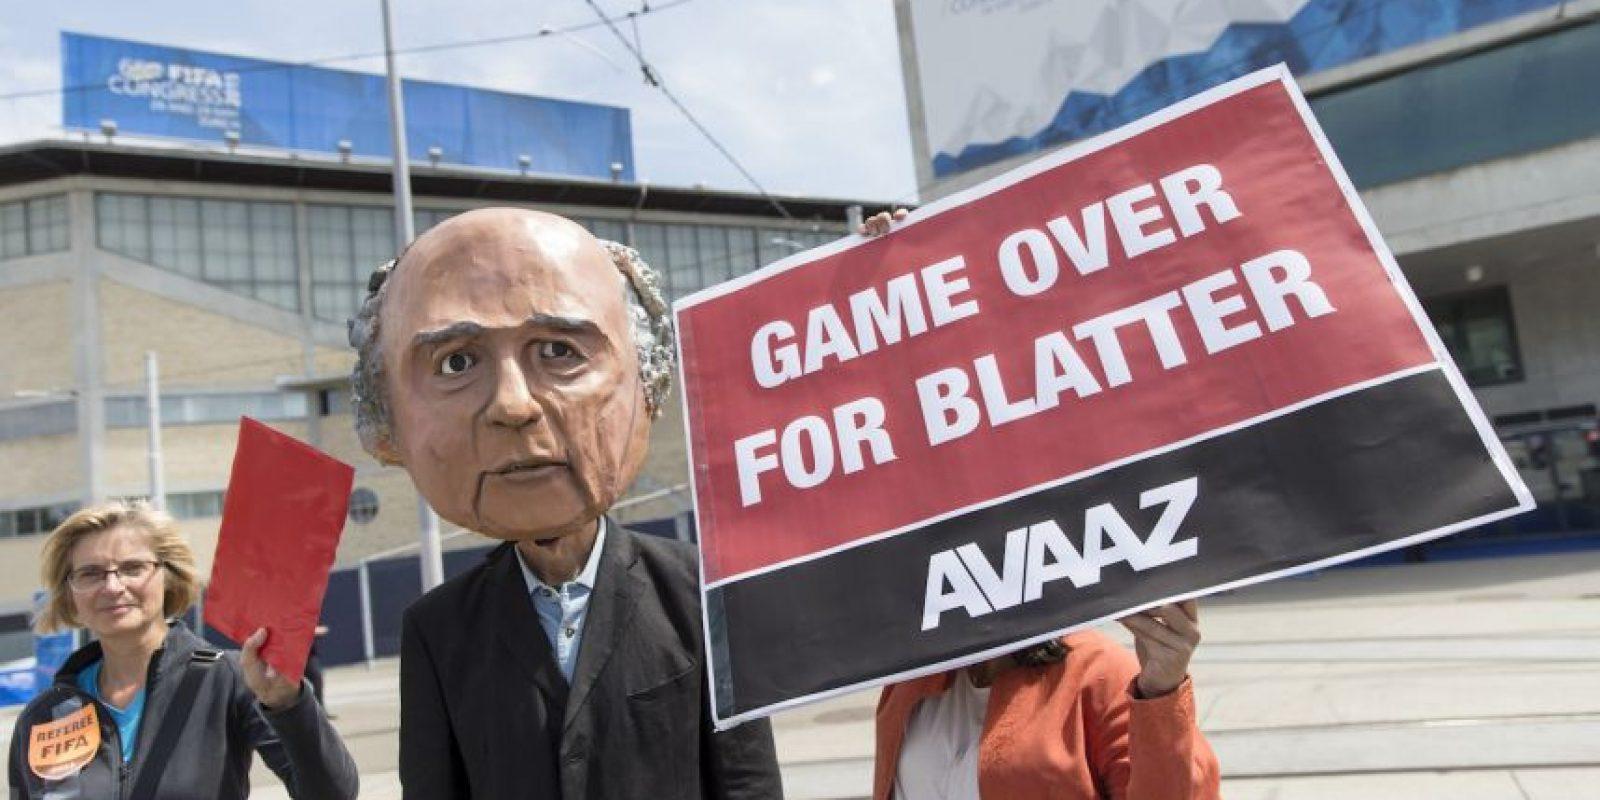 Además, deben tener nociones de ética para los negocios, así como políticas anticorrupción. Foto:Getty Images